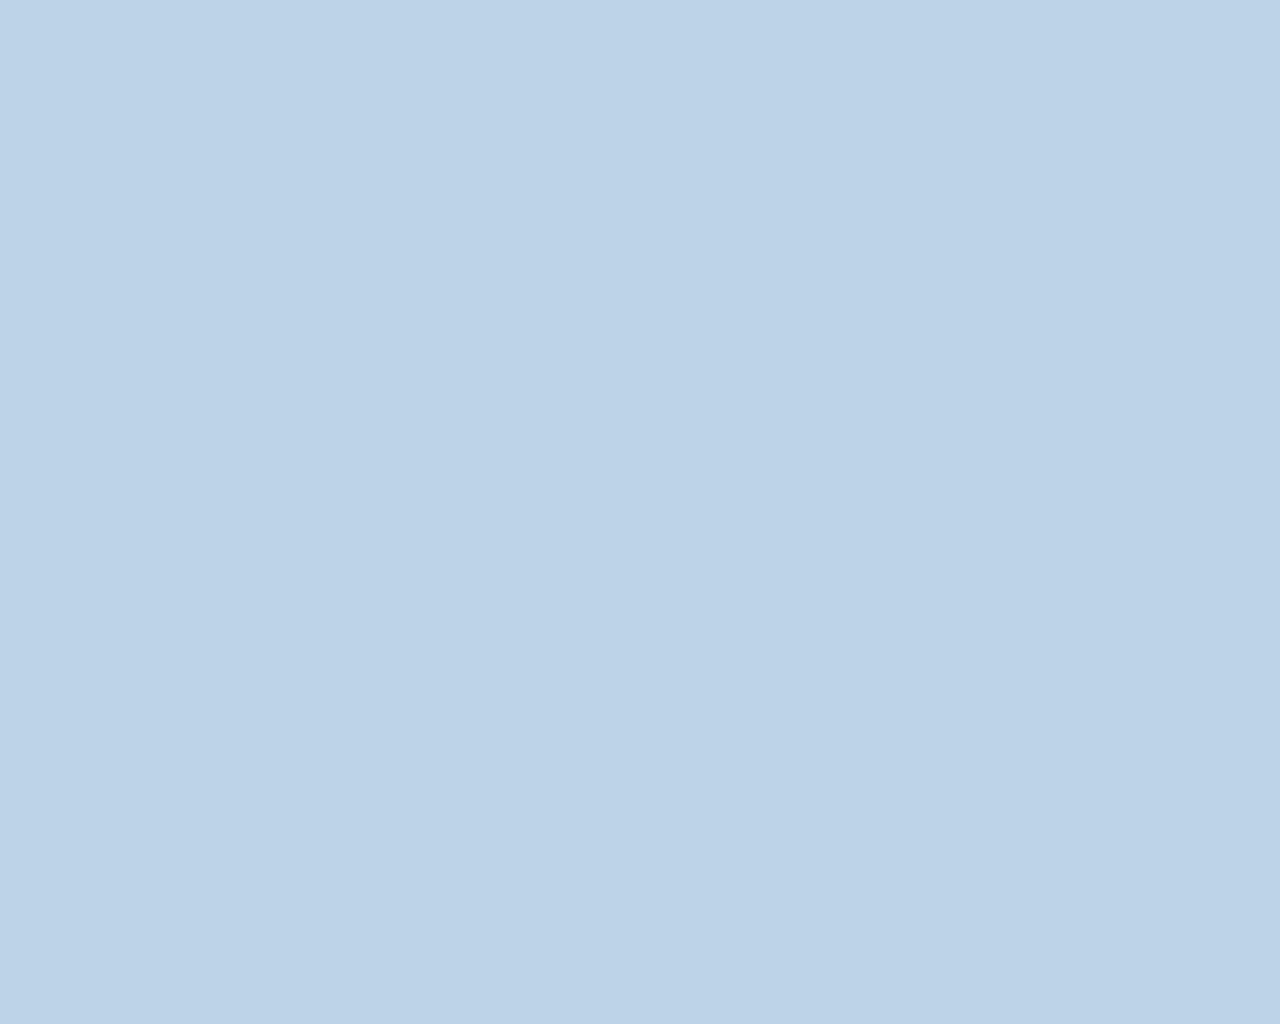 1280x1024 Pale Aqua Solid Color Background